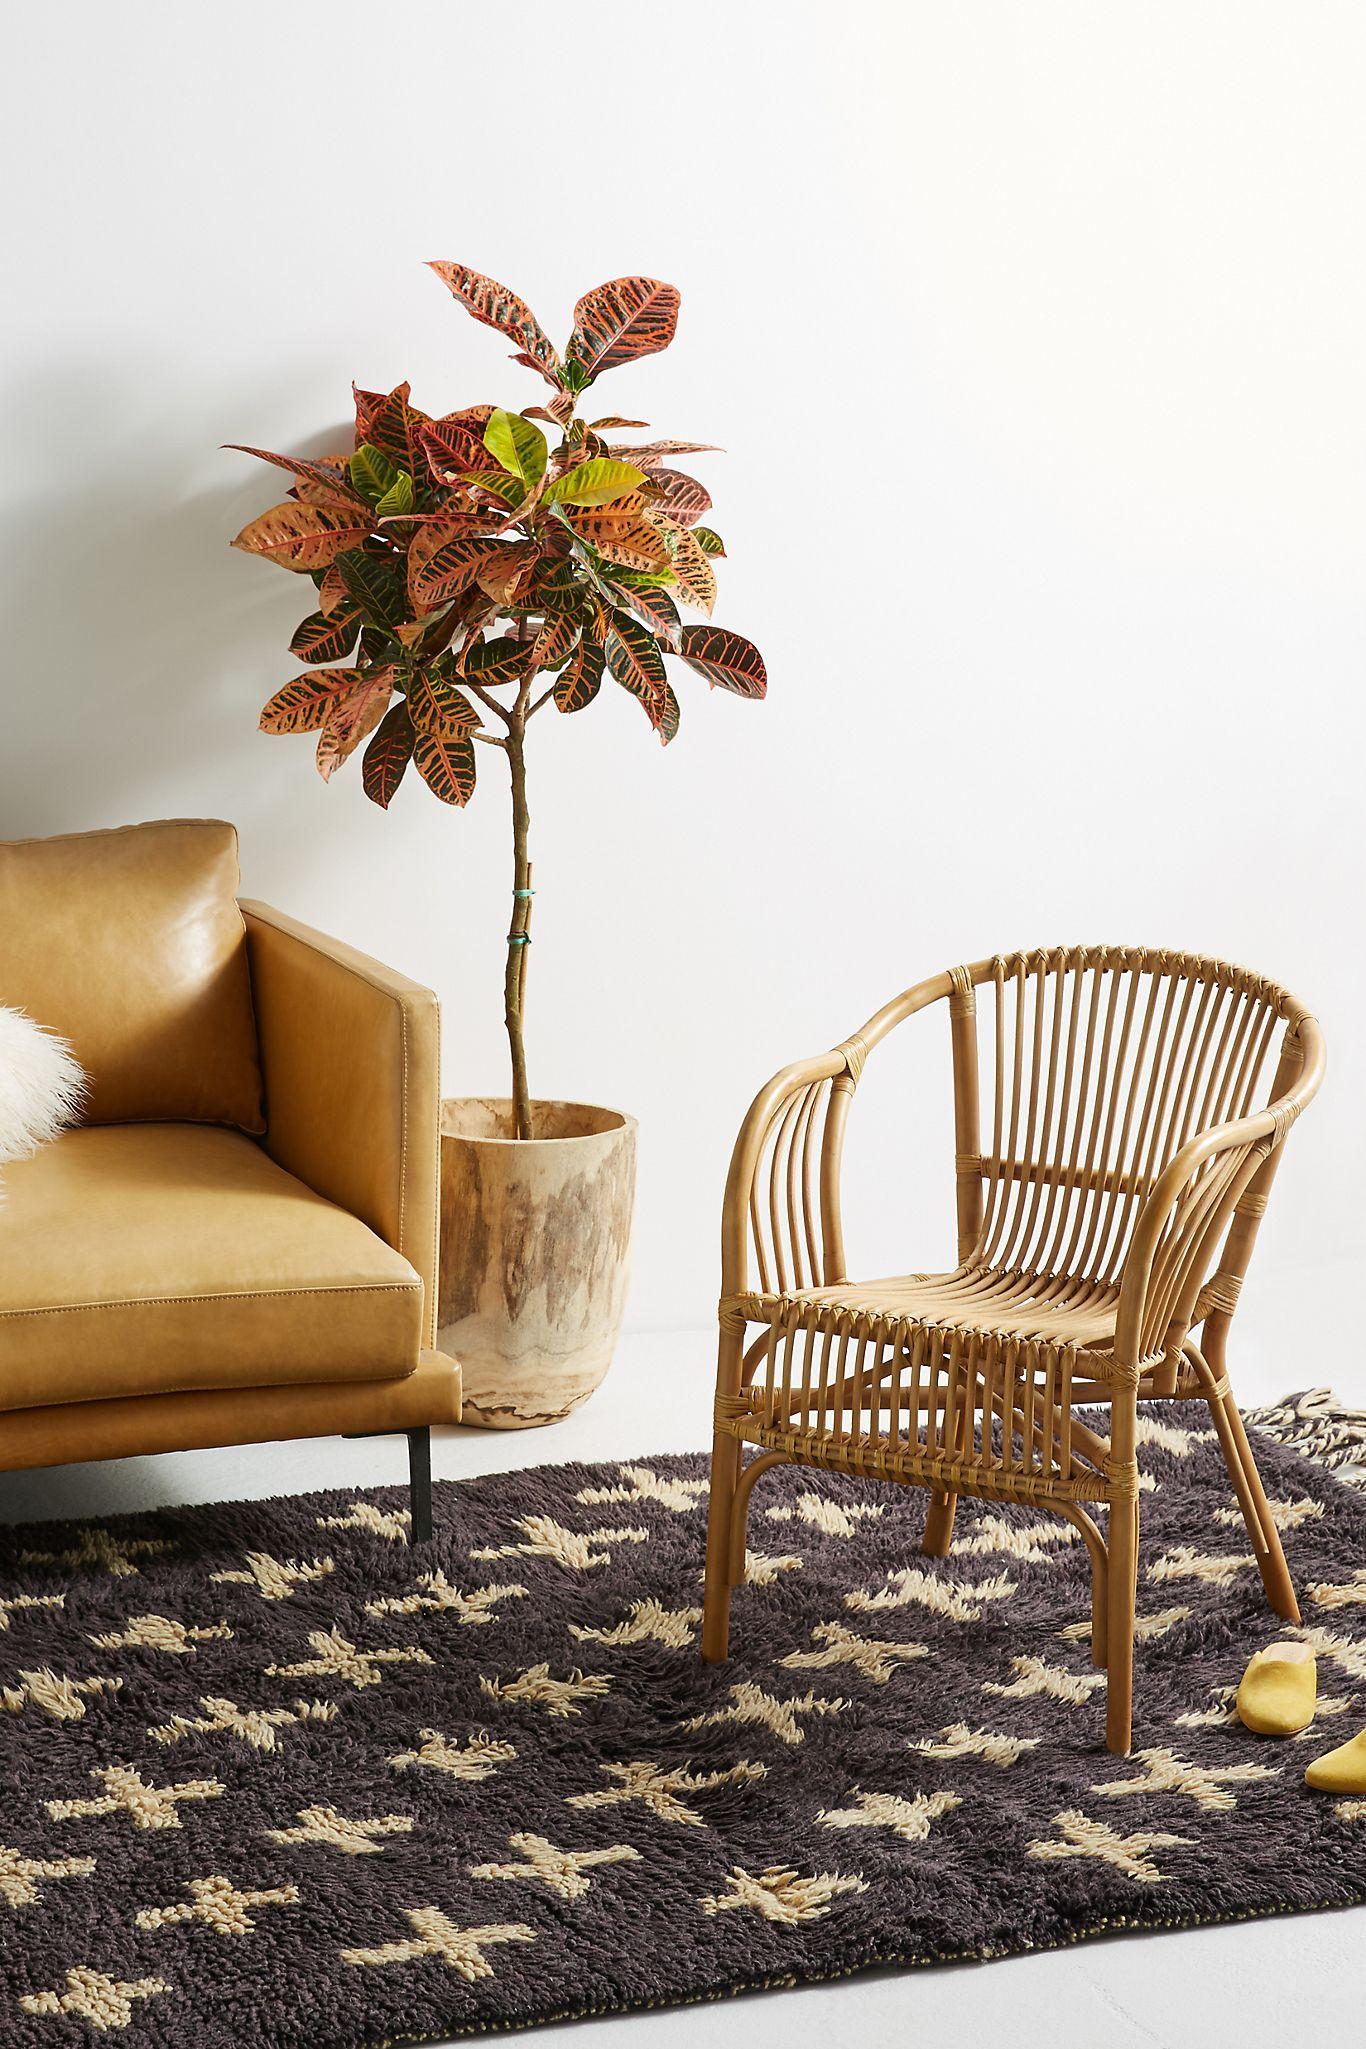 Pari Rattan Chair In 2020 Rattan Chair Decor Vintage Chairs #rattan #chair #living #room